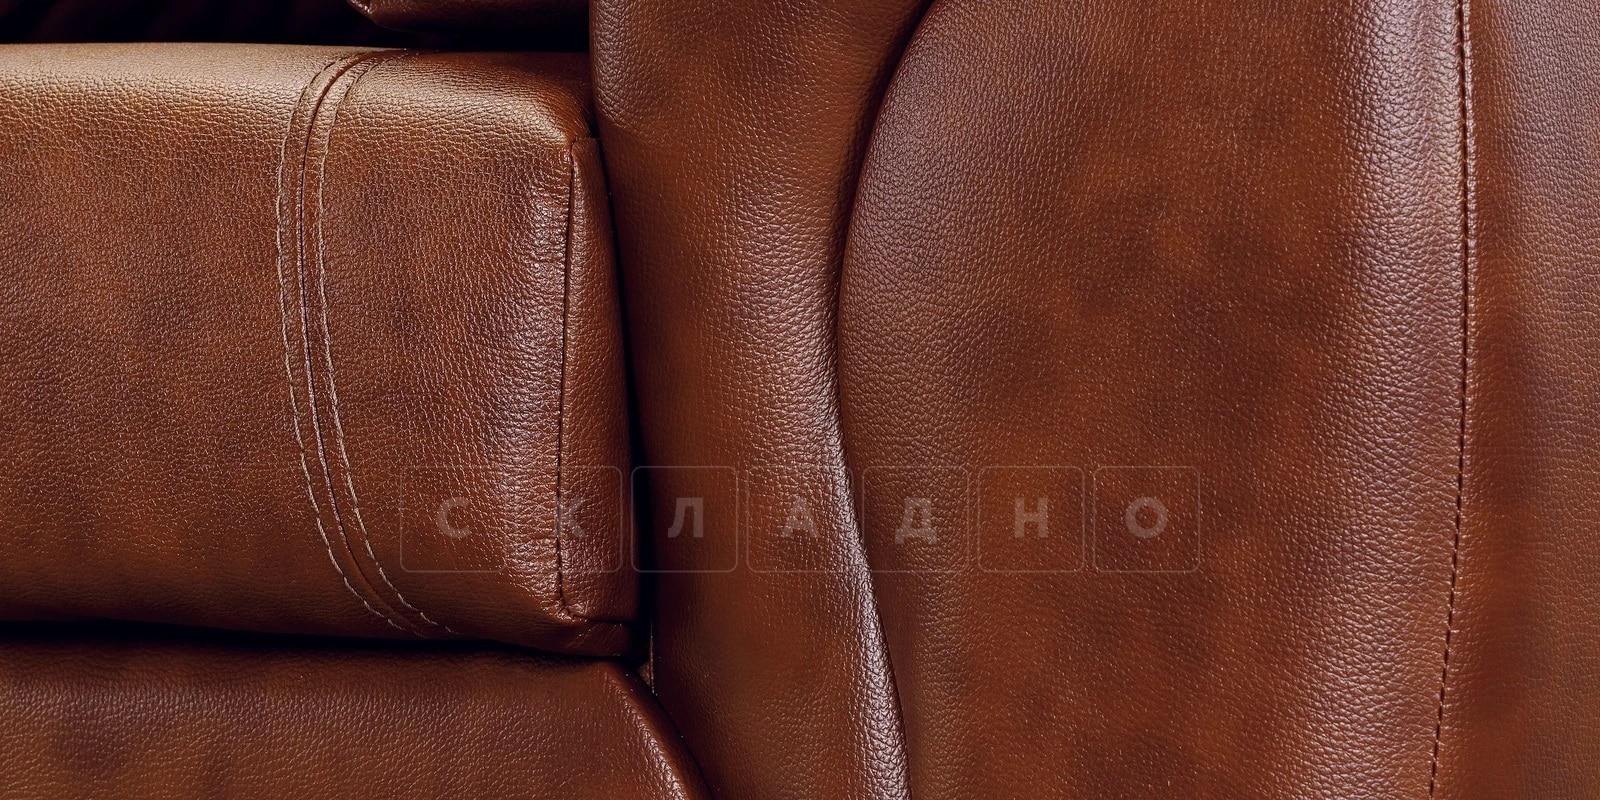 Кресло Бристоль кожаное коричневого цвета фото 6 | интернет-магазин Складно